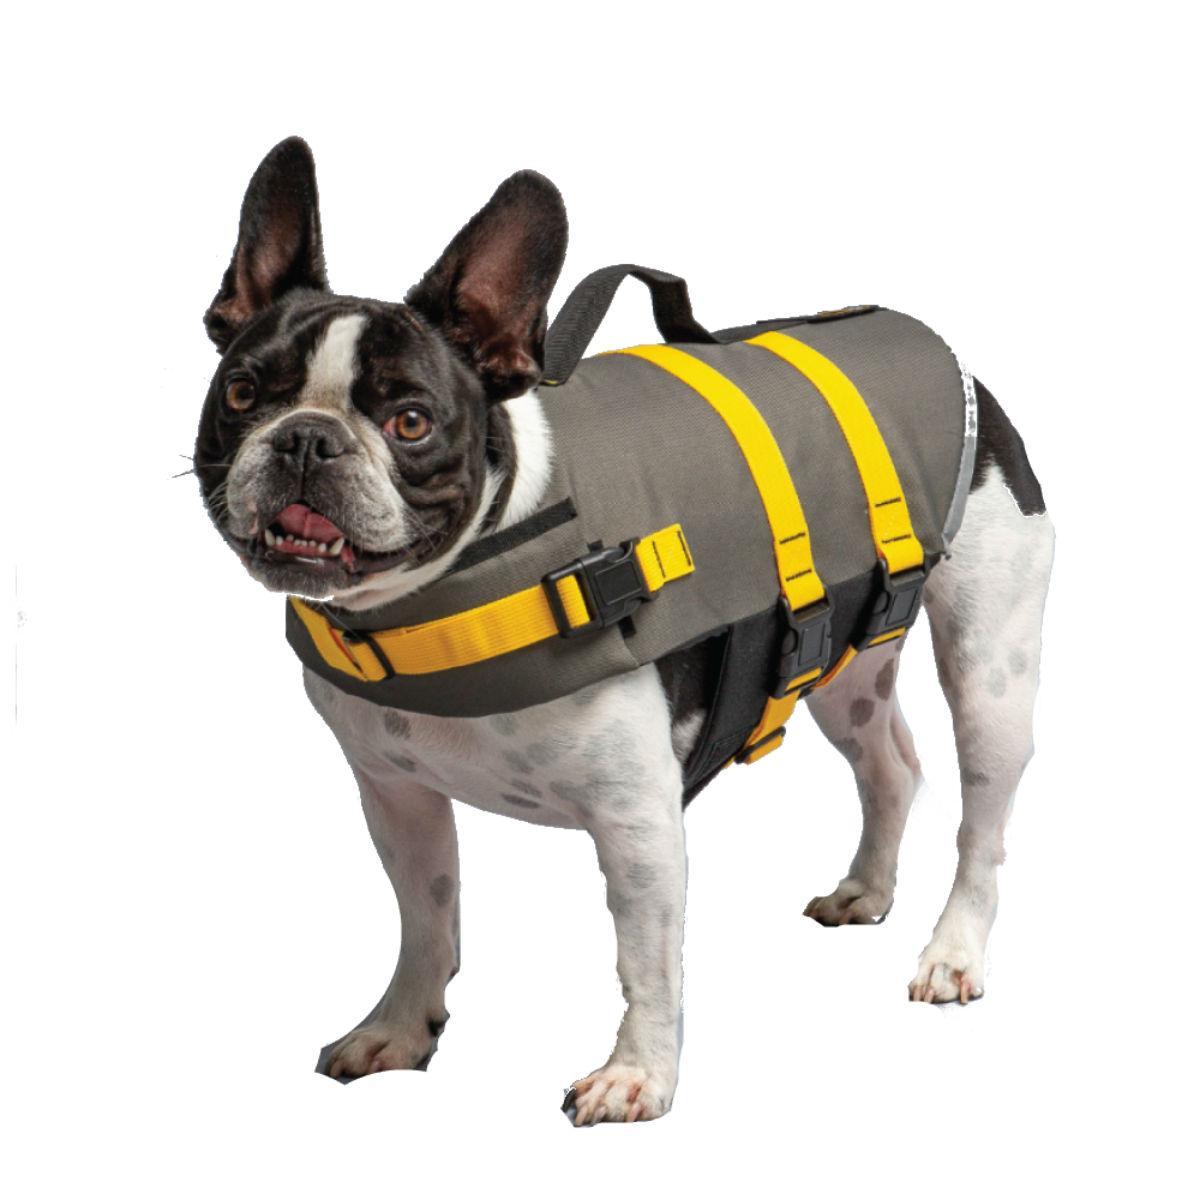 U.S. Army Dog Life Vest